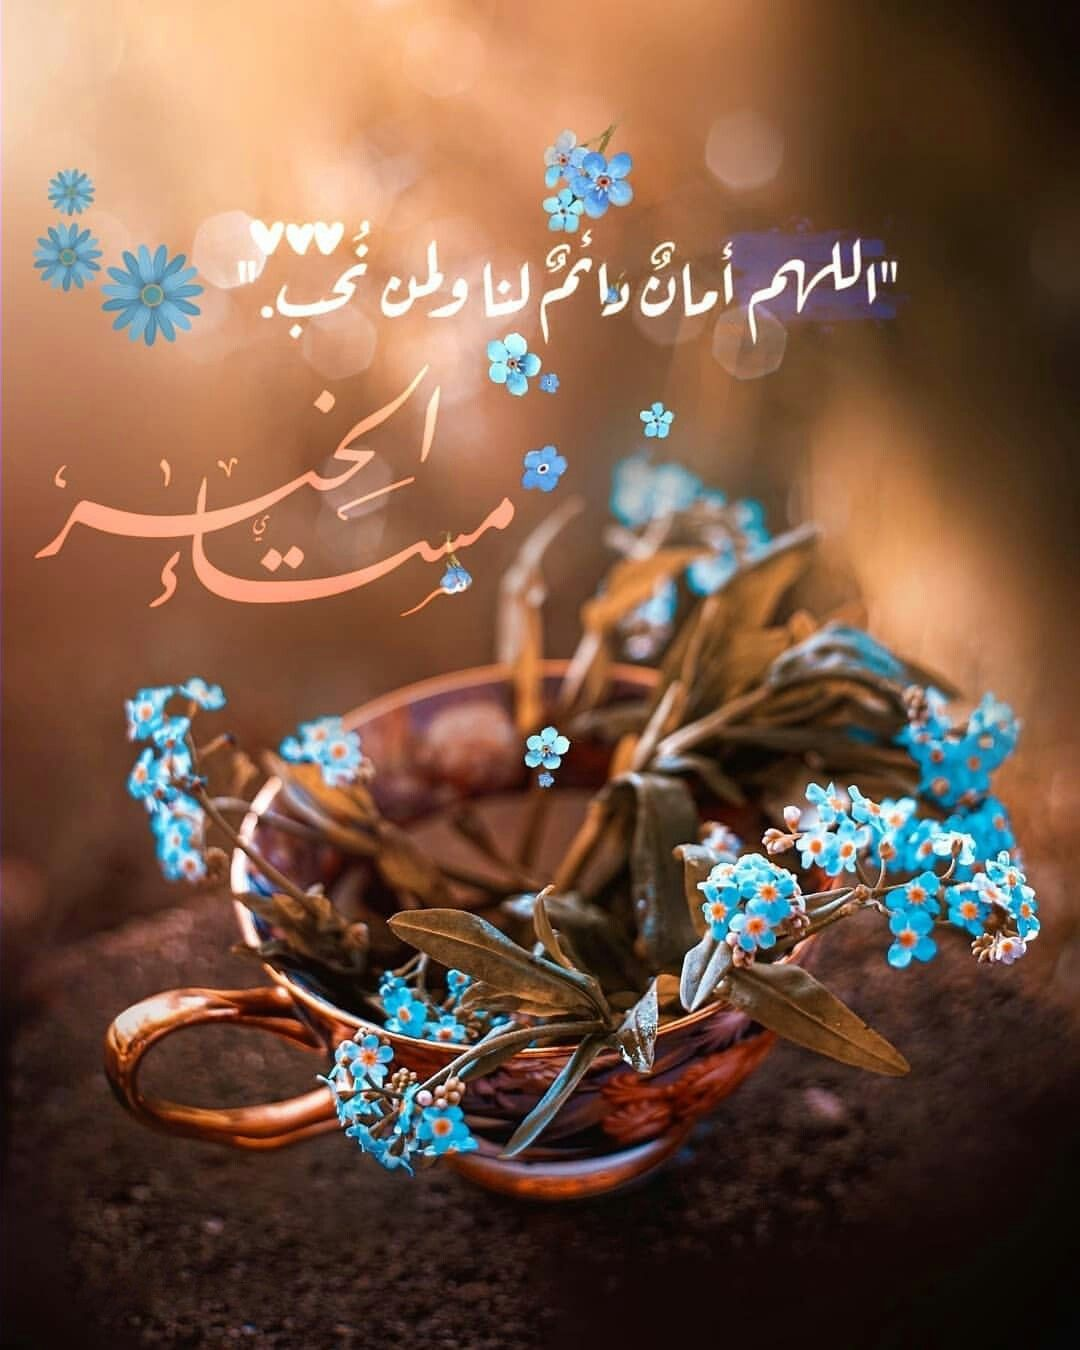 مساء الخير اللهم أمان دائم لنا ولمن نحب Beautiful Morning Messages Good Night Flowers New Good Night Images